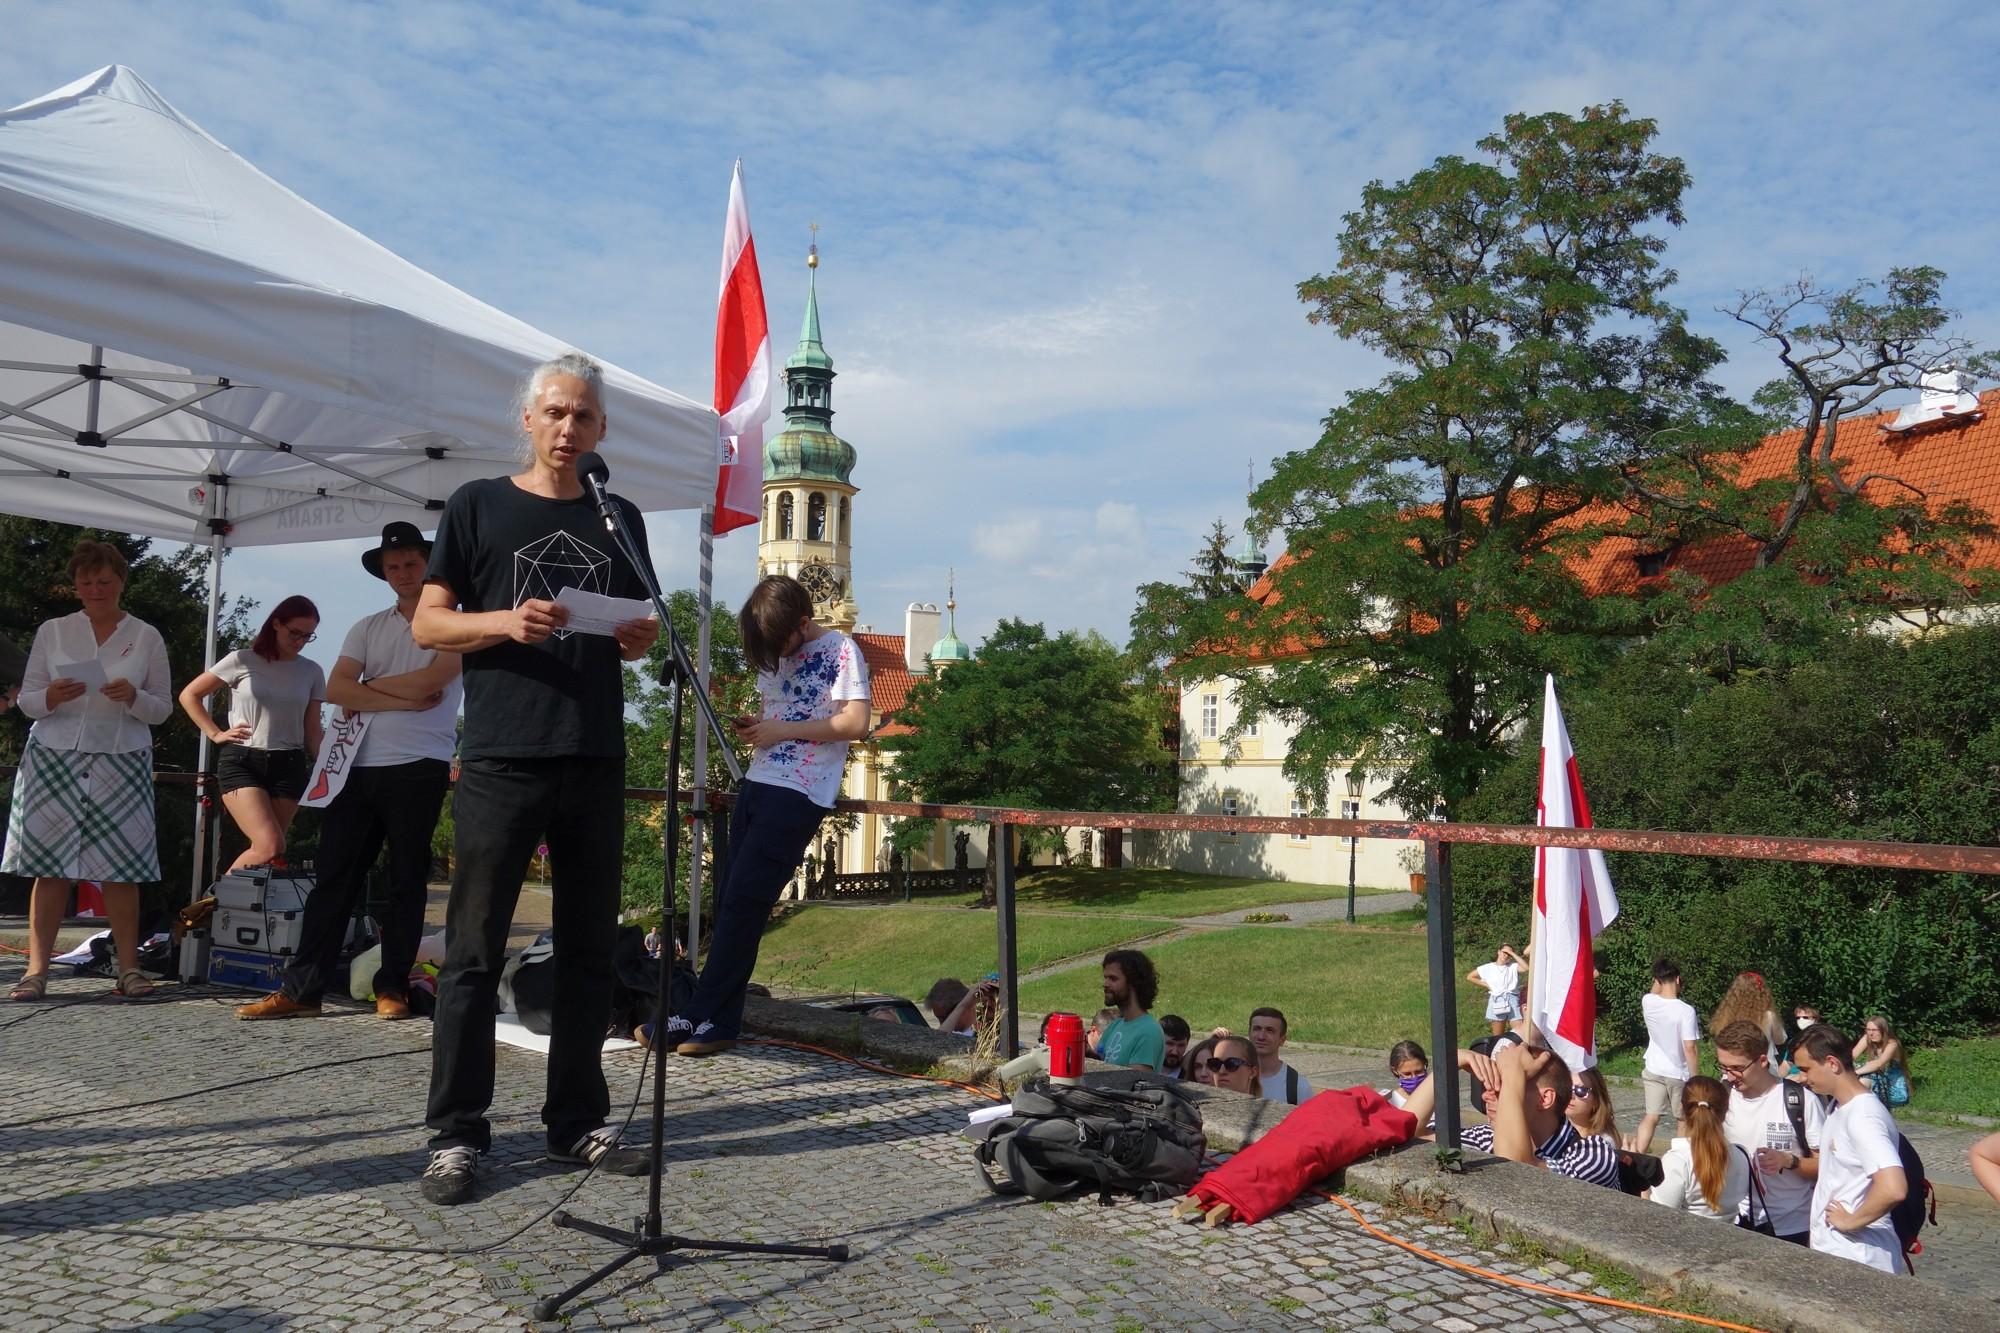 Na protestech proti falšování voleb v Bělorusku mě zaujaly dva silné momenty. A to mezigenerační solidarita a role žen